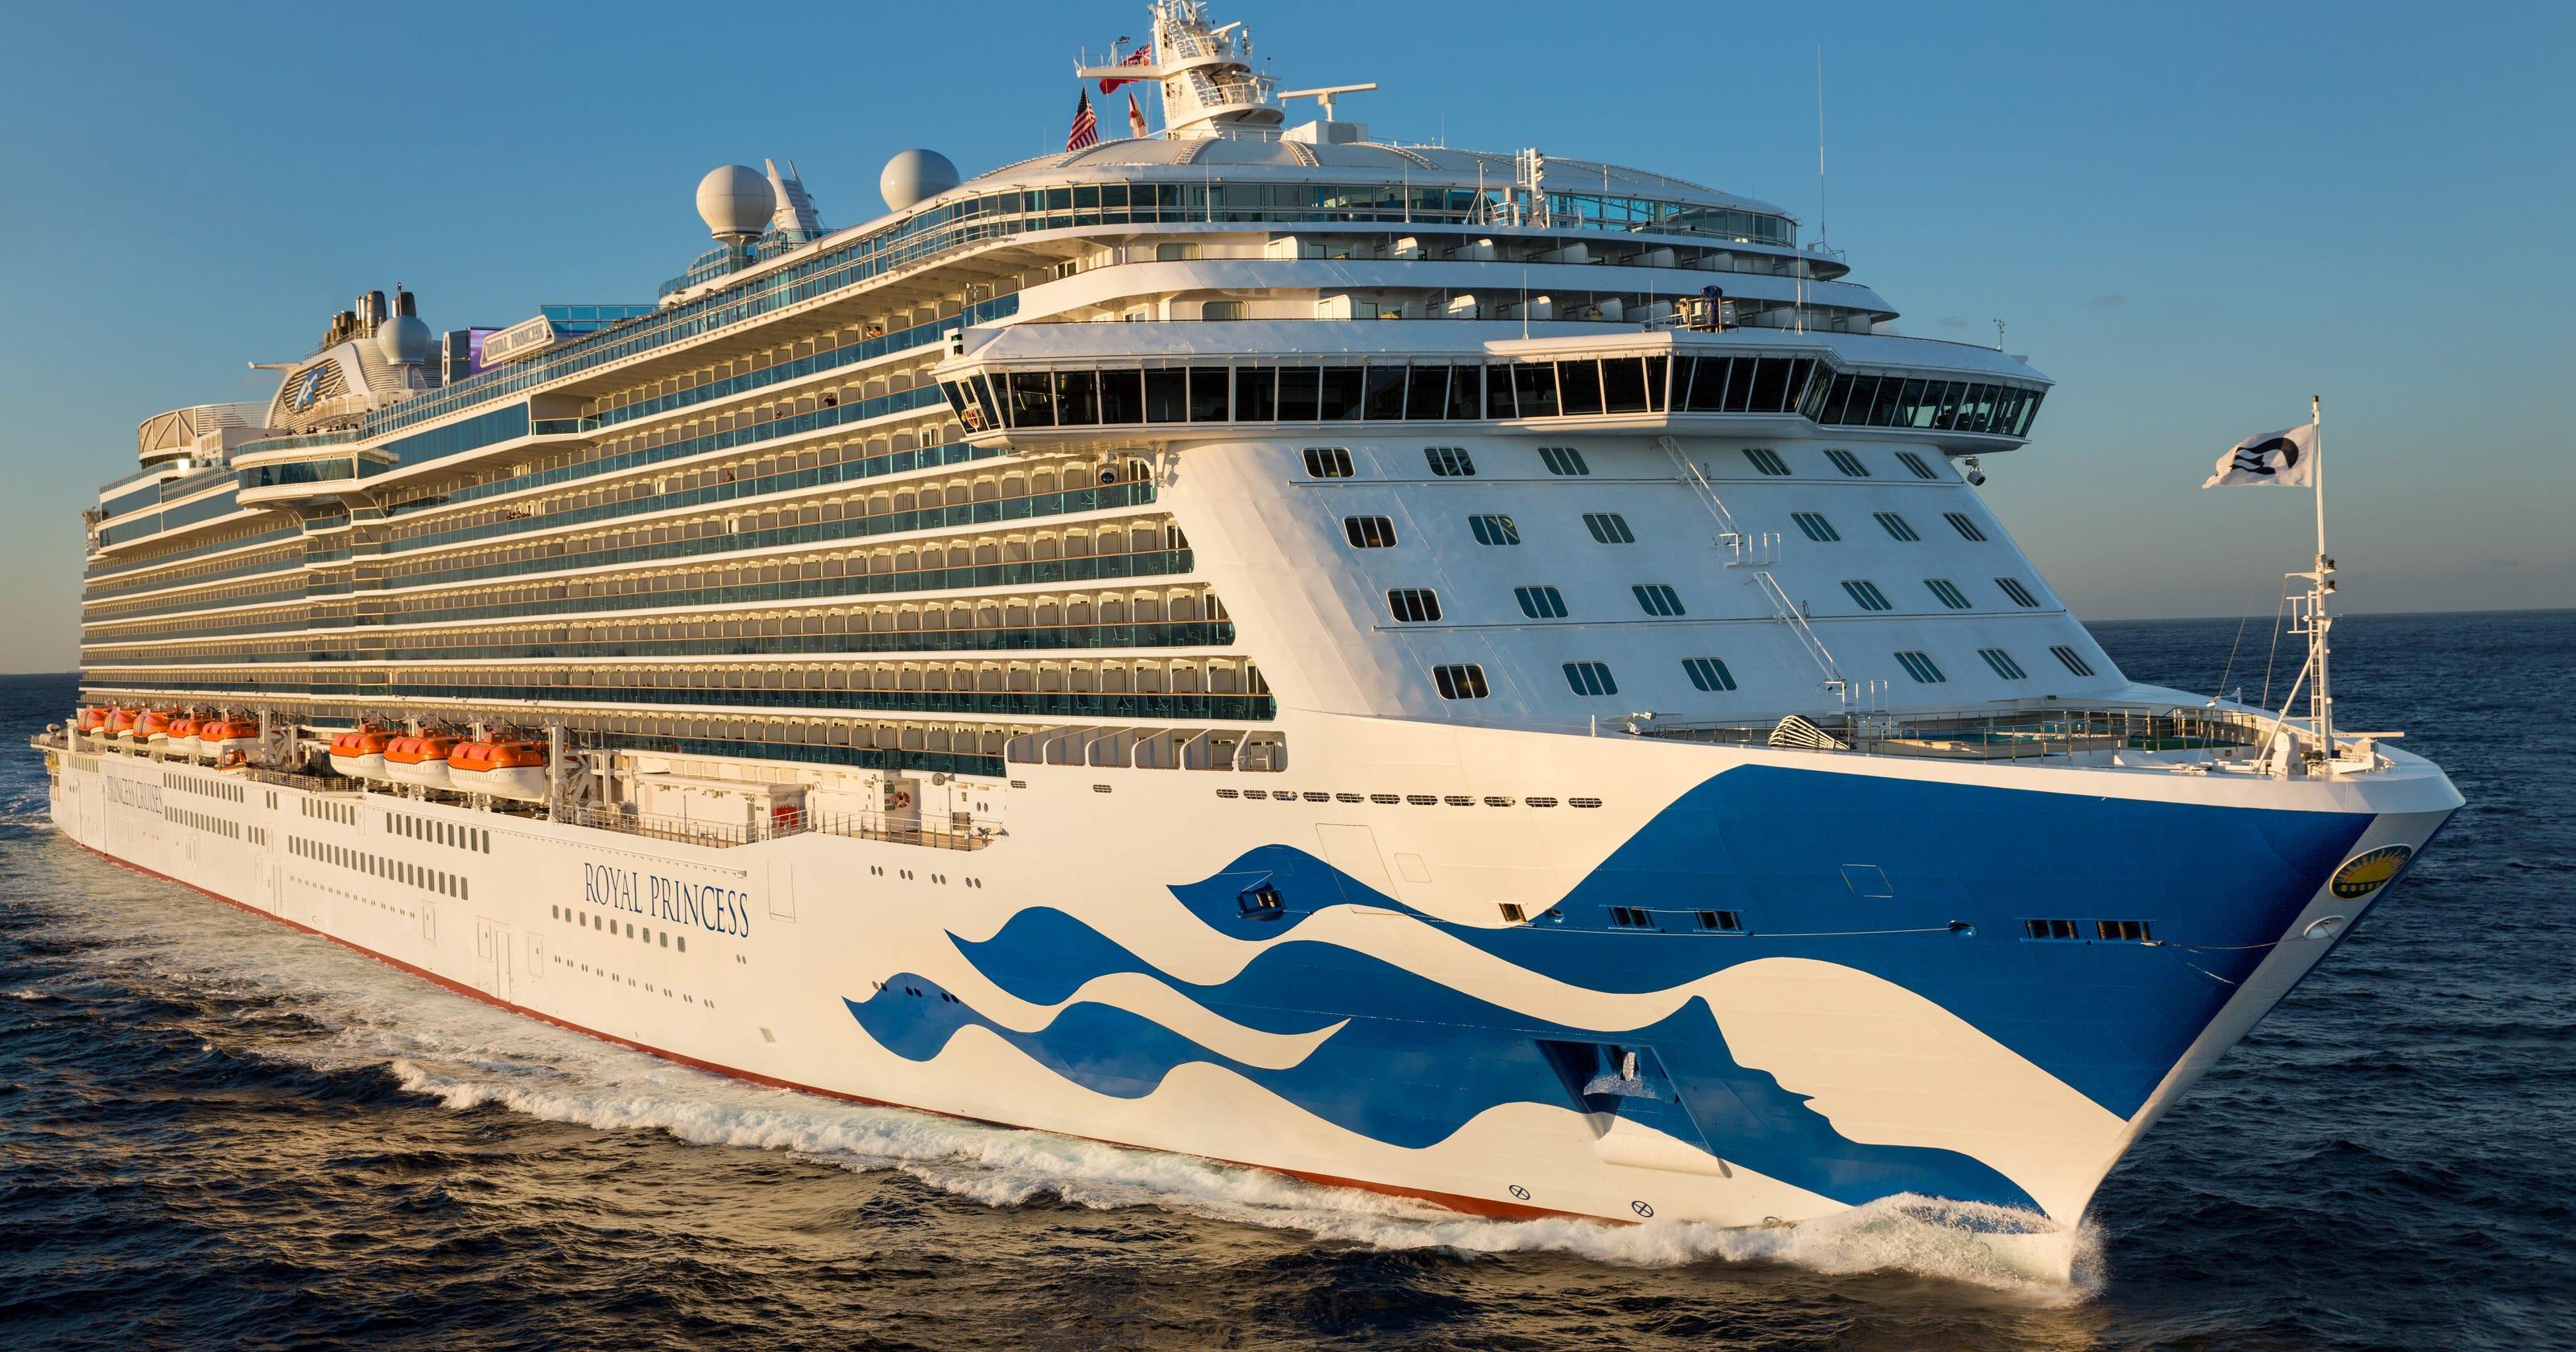 Princess Cruises Ship Royal Princess To Sail To Mexican